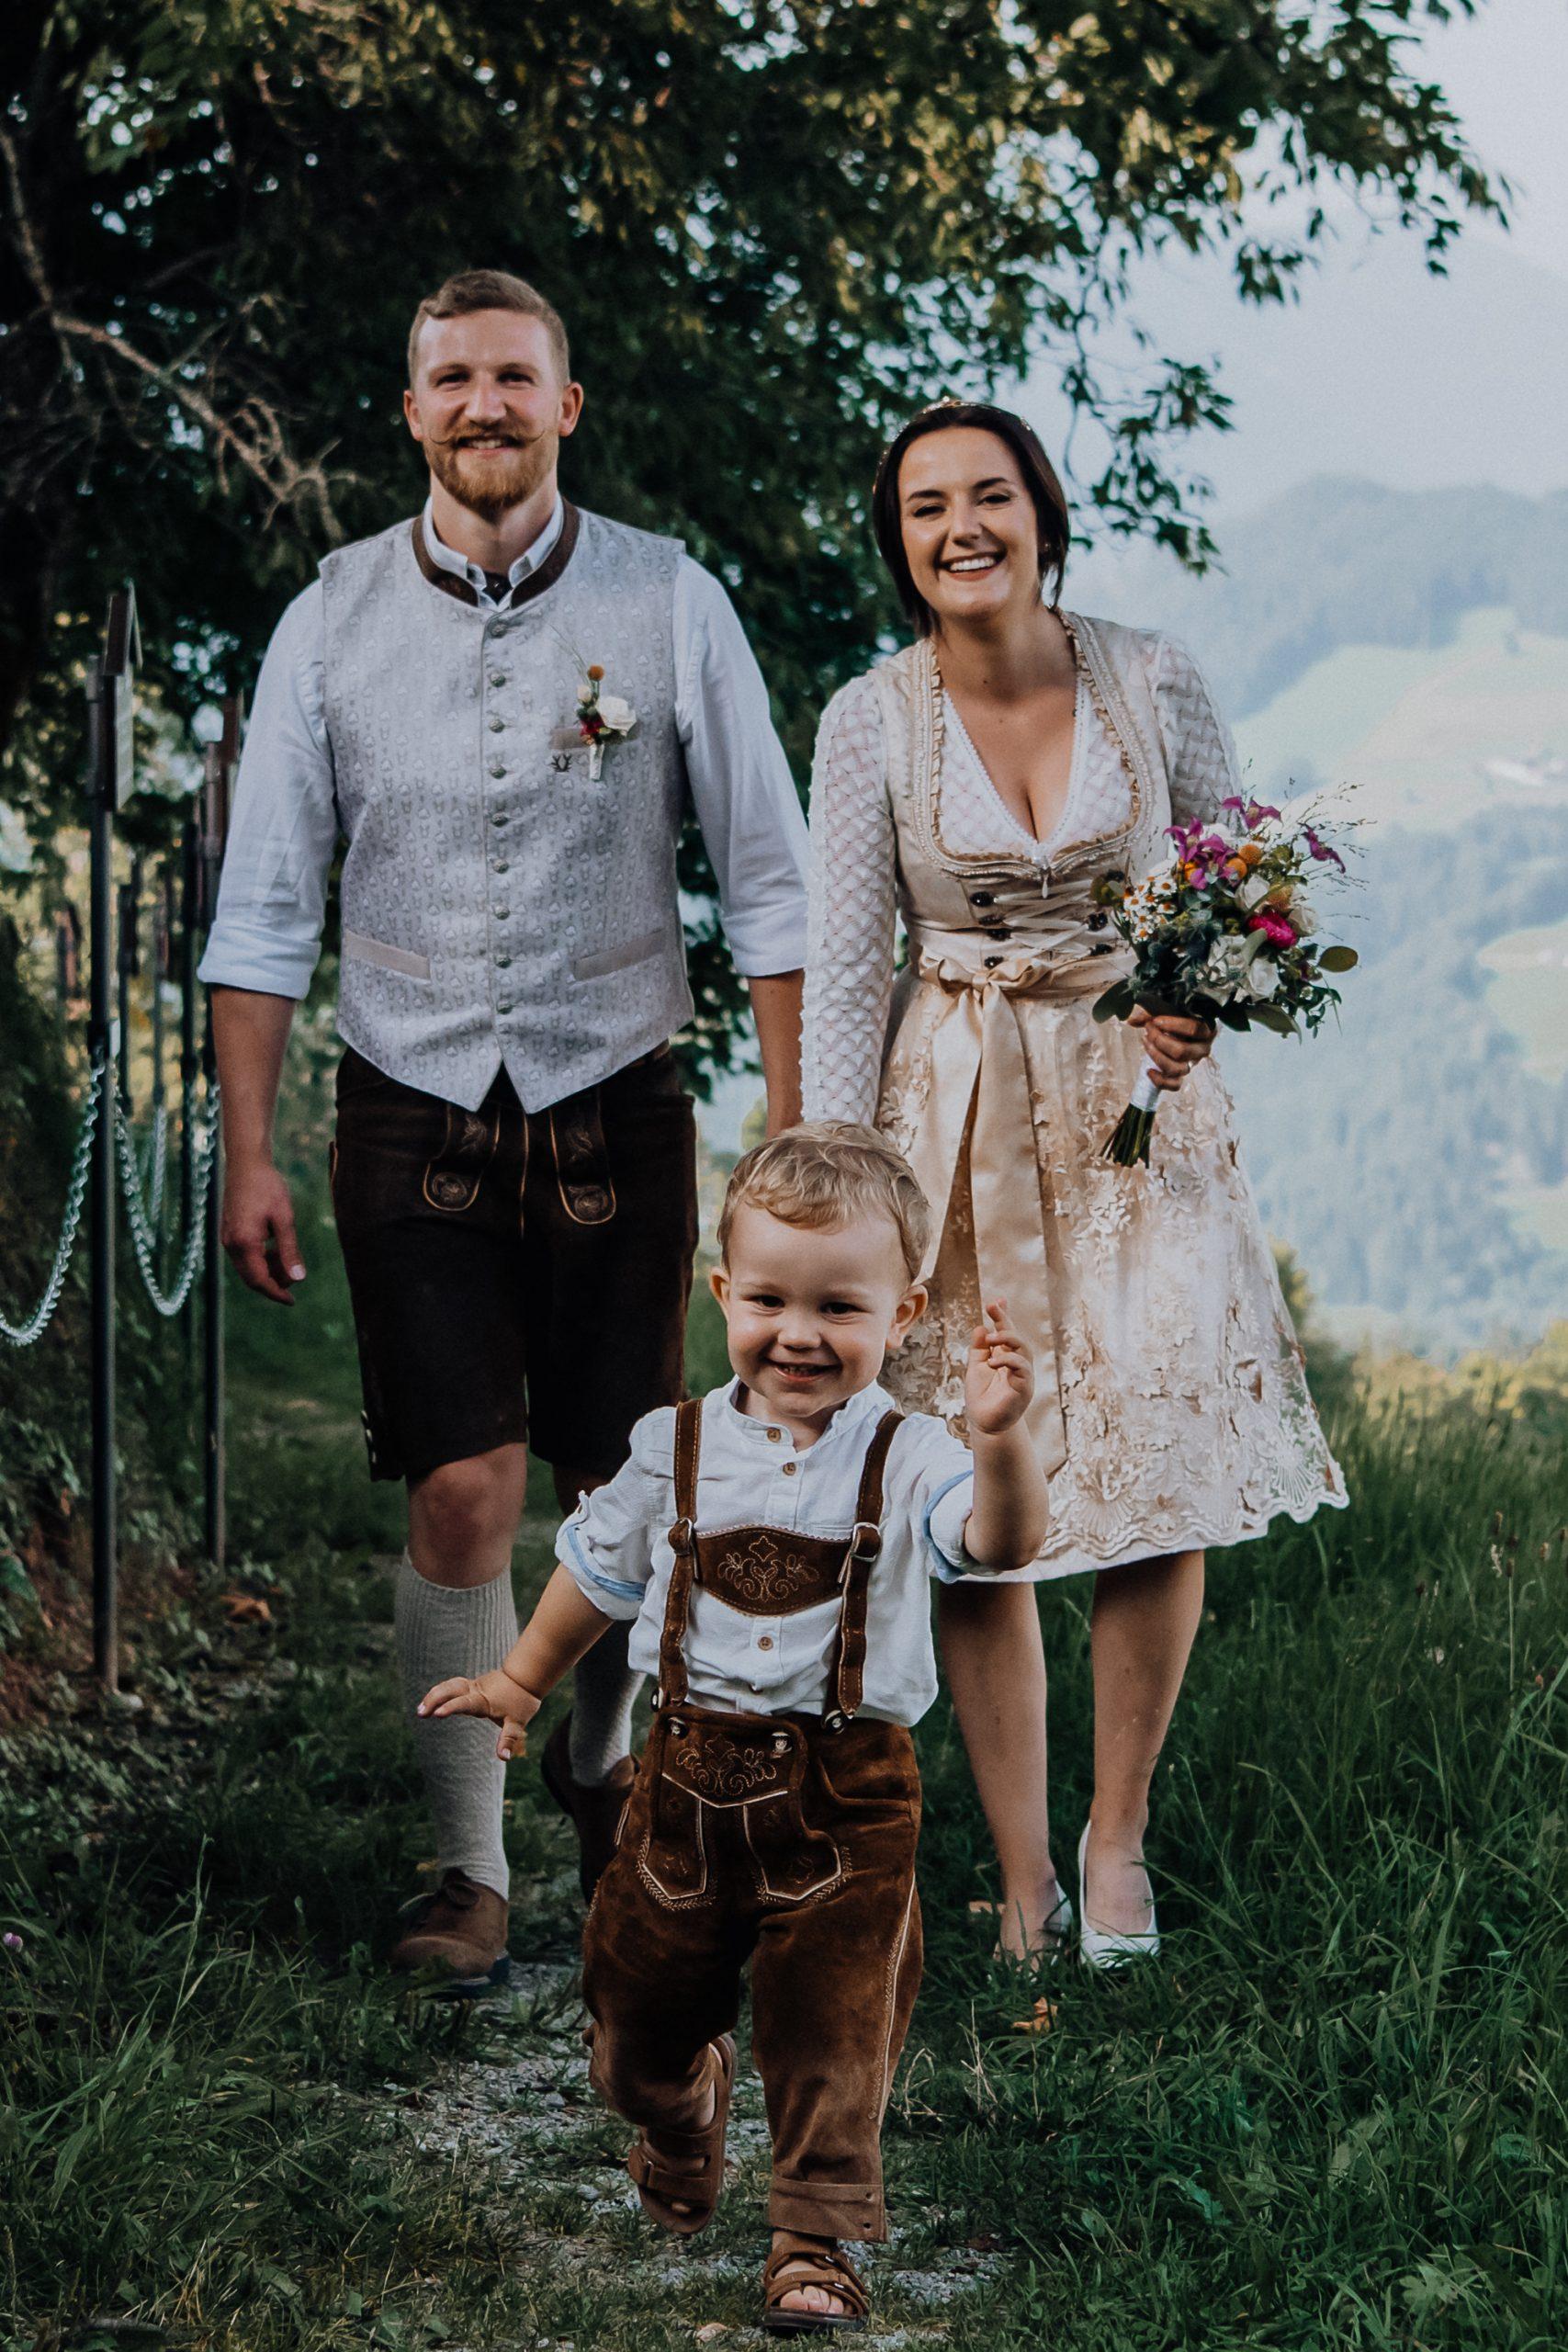 Elopement, Berge, Tirol, Hochzeit, Urlaub